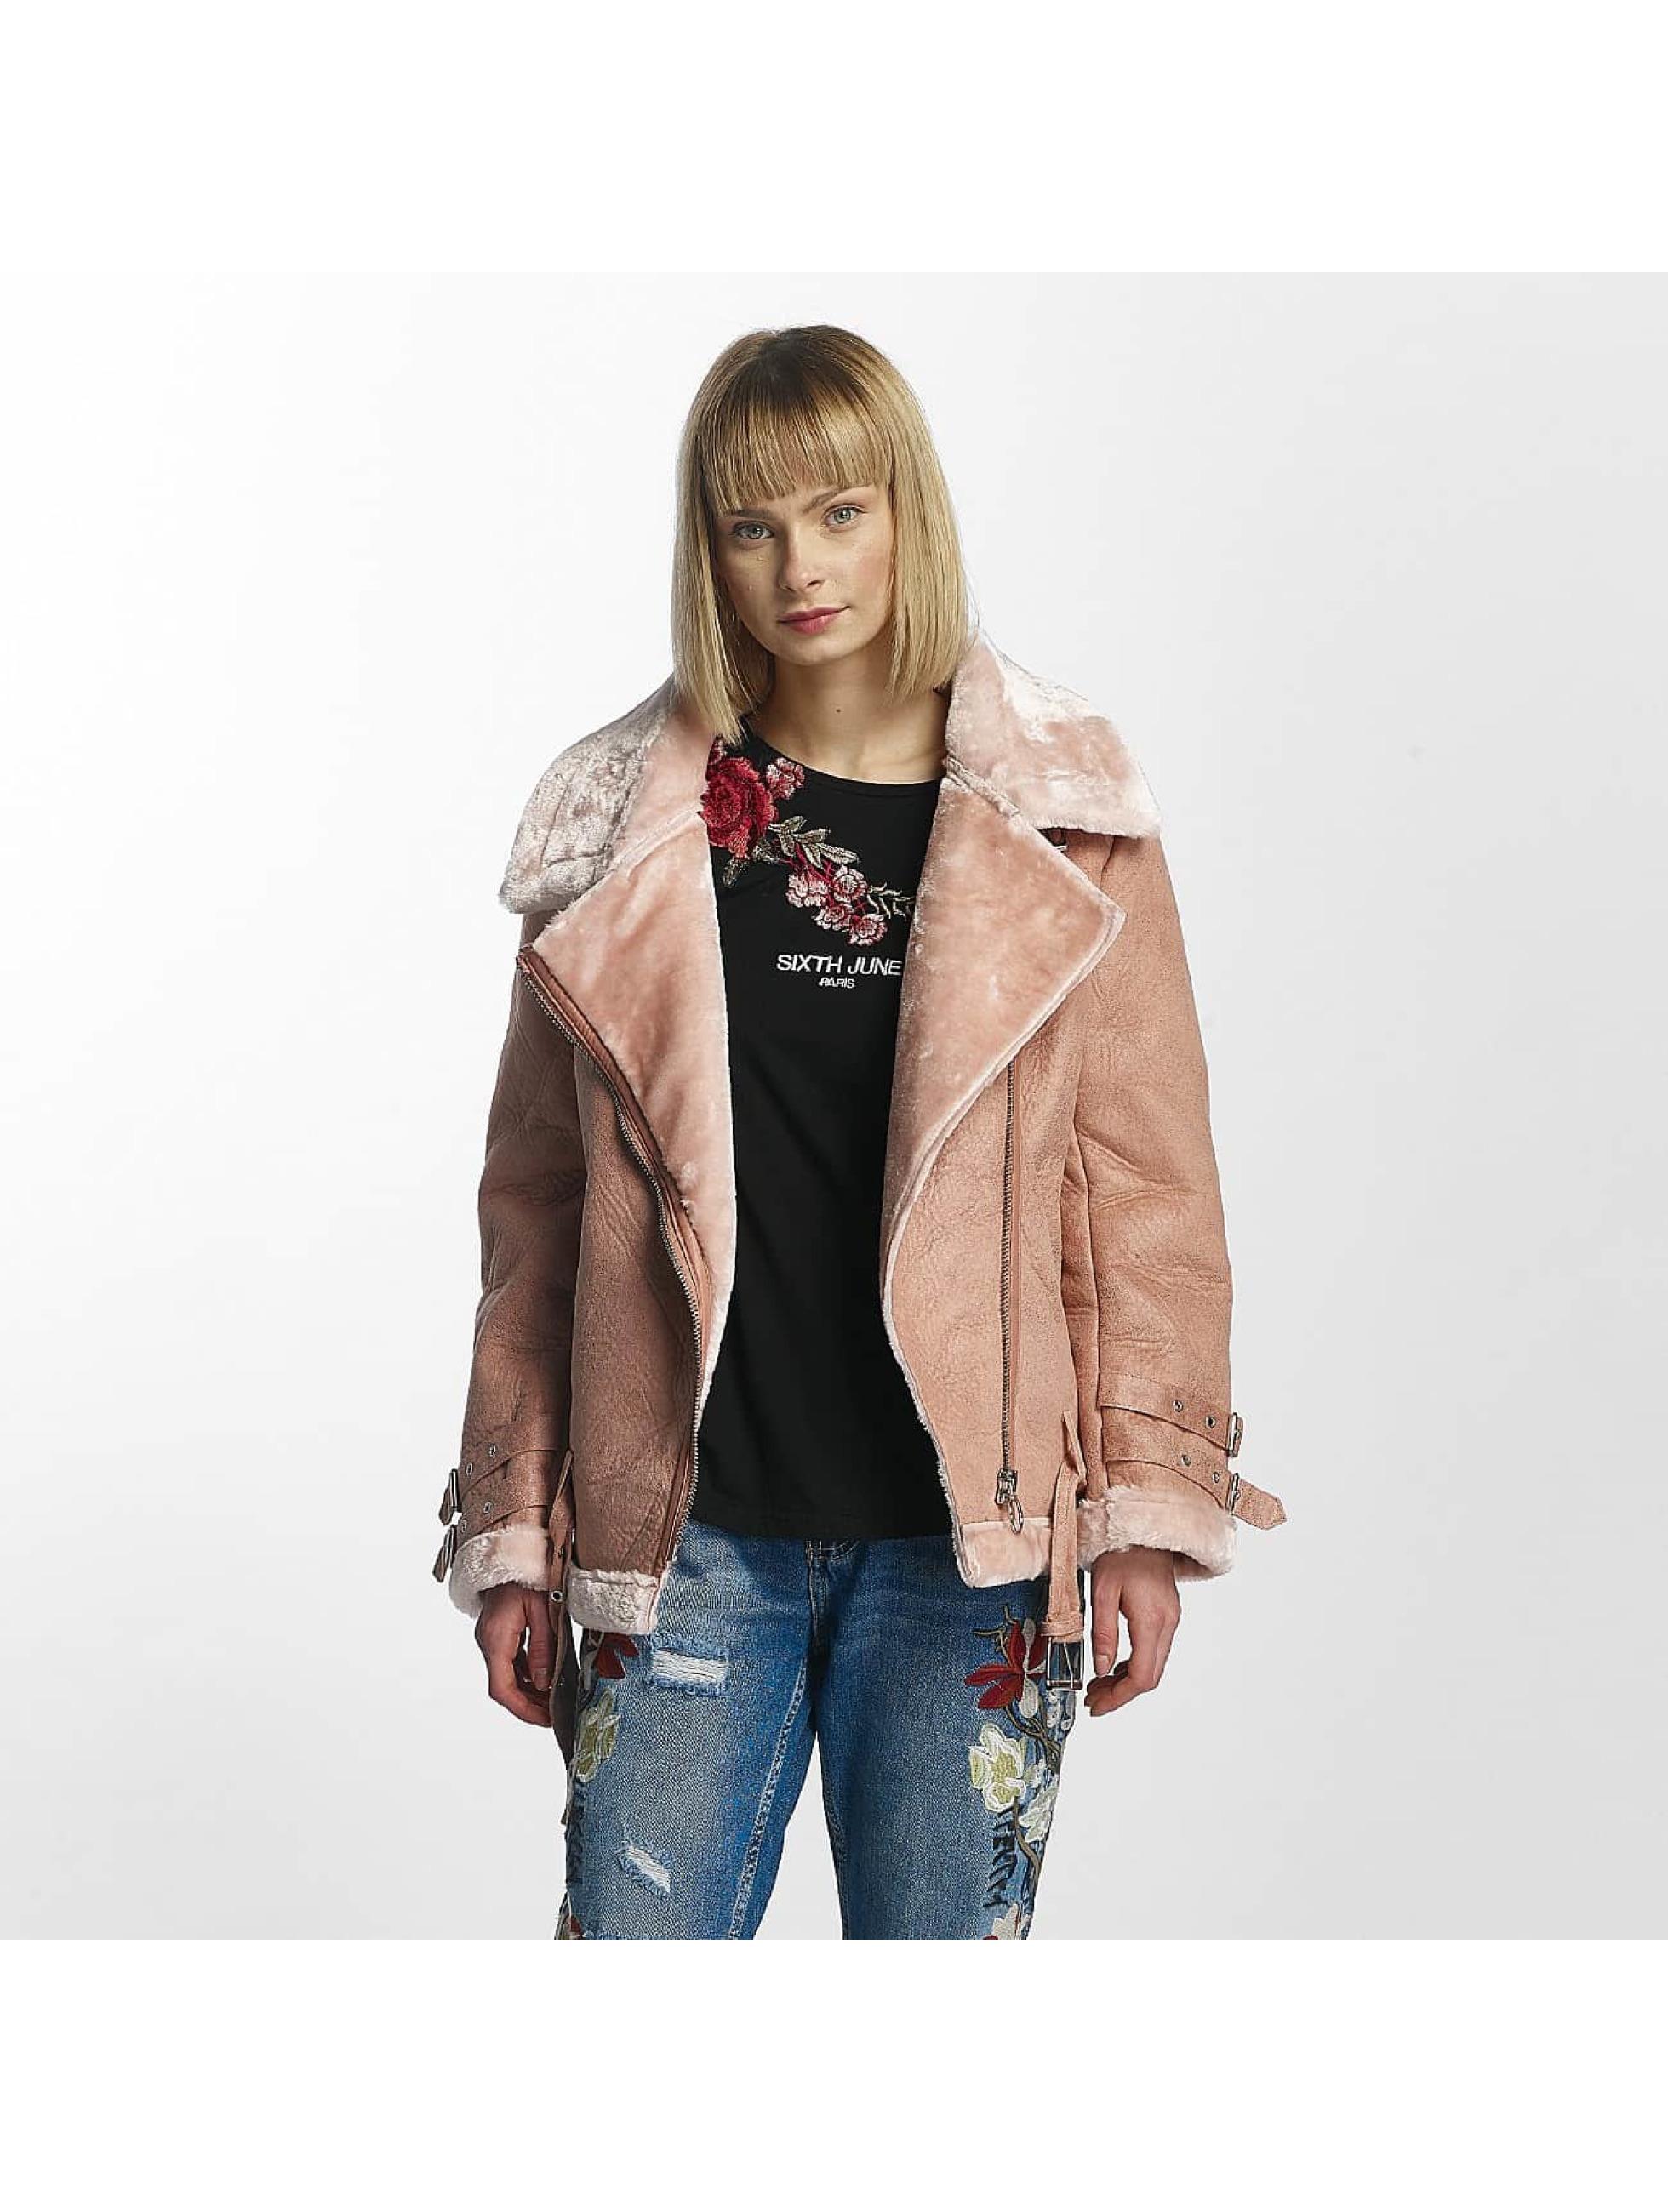 Sixth June Veste & Blouson en cuir Perfecto Fur rose